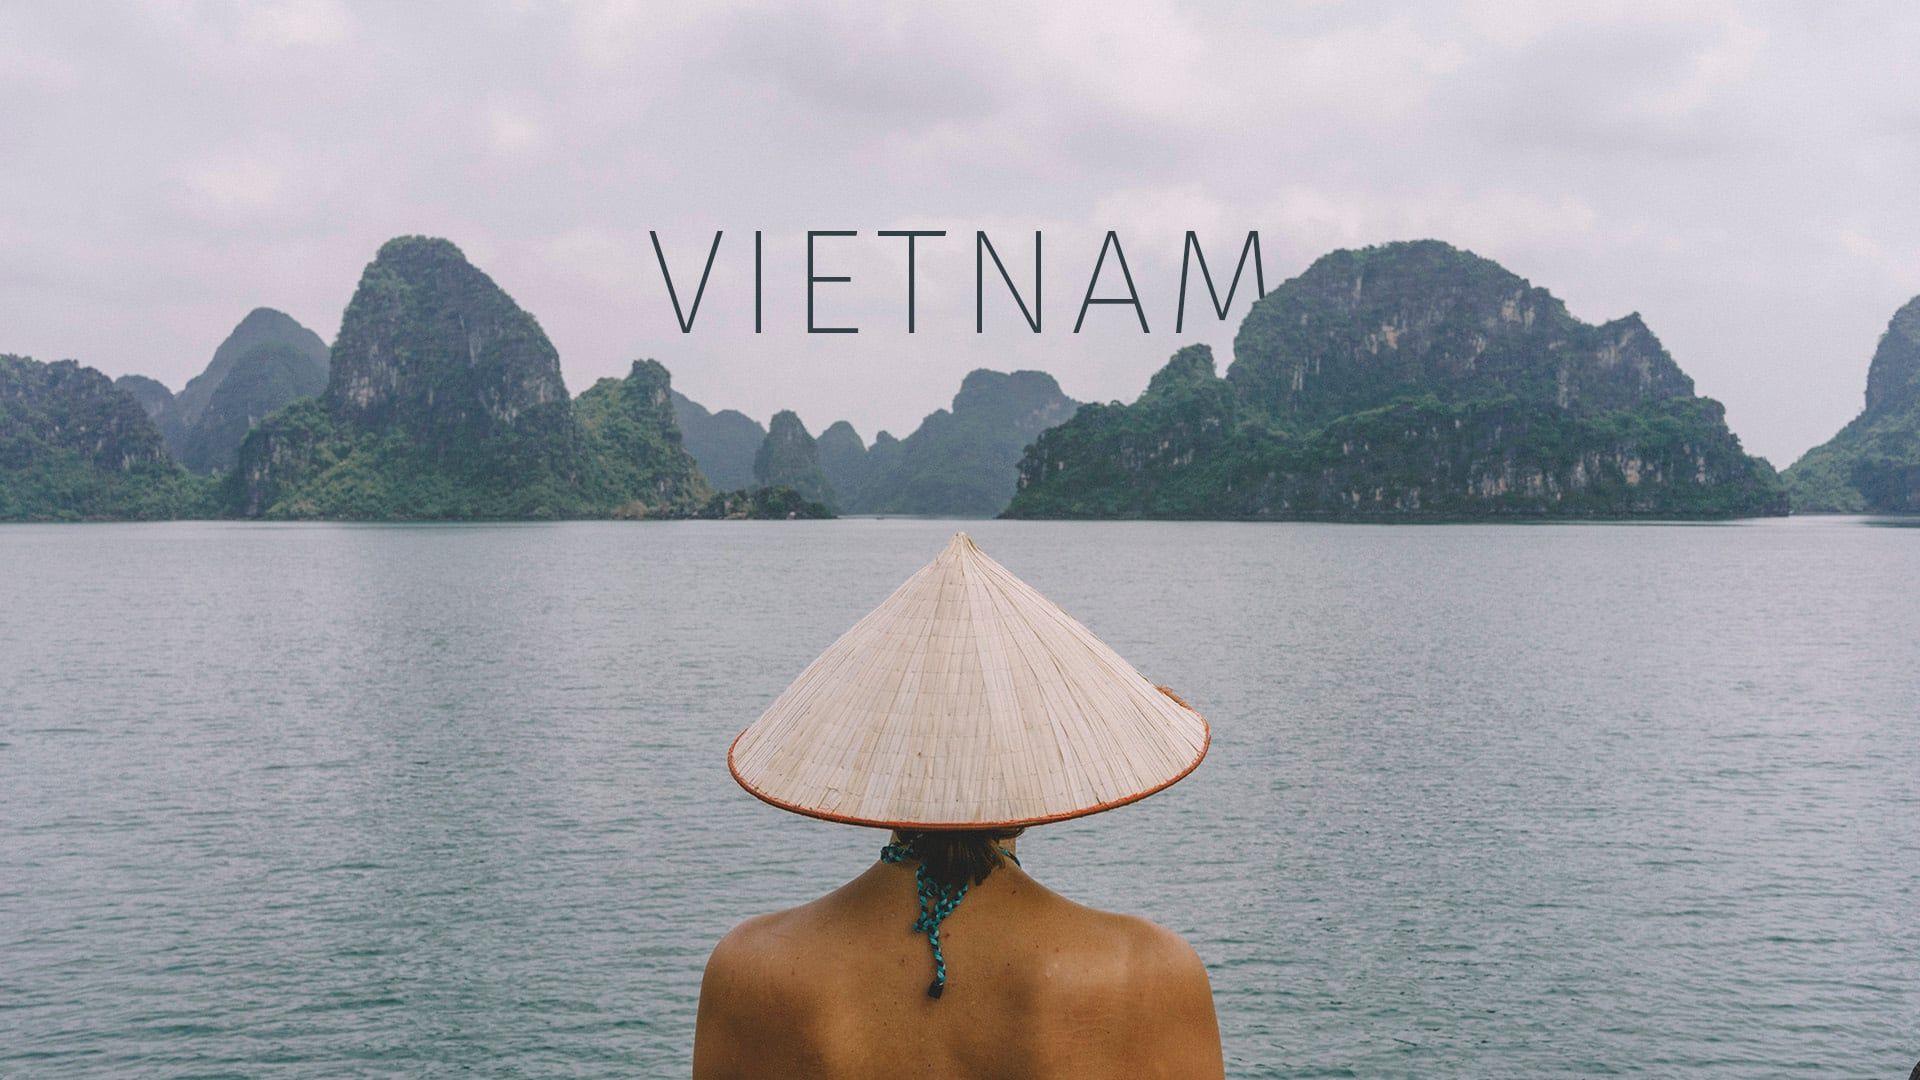 картинка фортуна с надписью вьетнам интернет-форумы